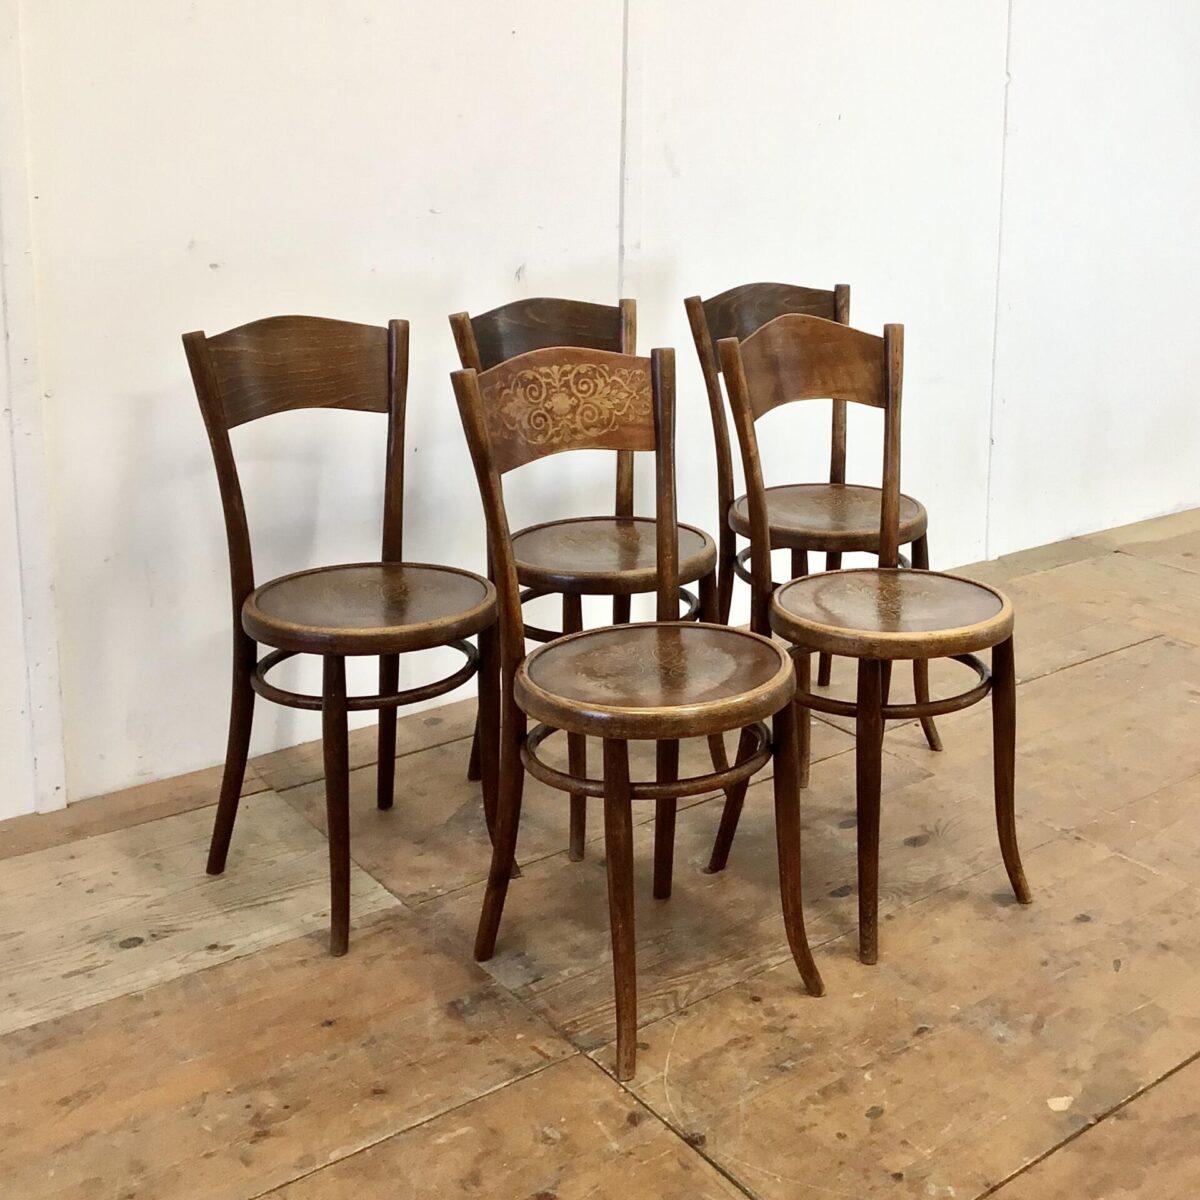 5er Set Albert Stoll Kaffeehausstühle. Sitzhöhe 48cm. Diese Bistrostühle, mit den Pflanzenmuster, sind restauriert. Vorderbeine wo nötig neu eingeleimt. Zwei furnier Ausbrüche, auf der Hinterseite der Rückenlehne, frisch eingesetzt. Zwei der lehnen unterscheiden sich etwas von den anderen, eine in der Form die andere im Muster. Kastanienbraune Alterspatina.